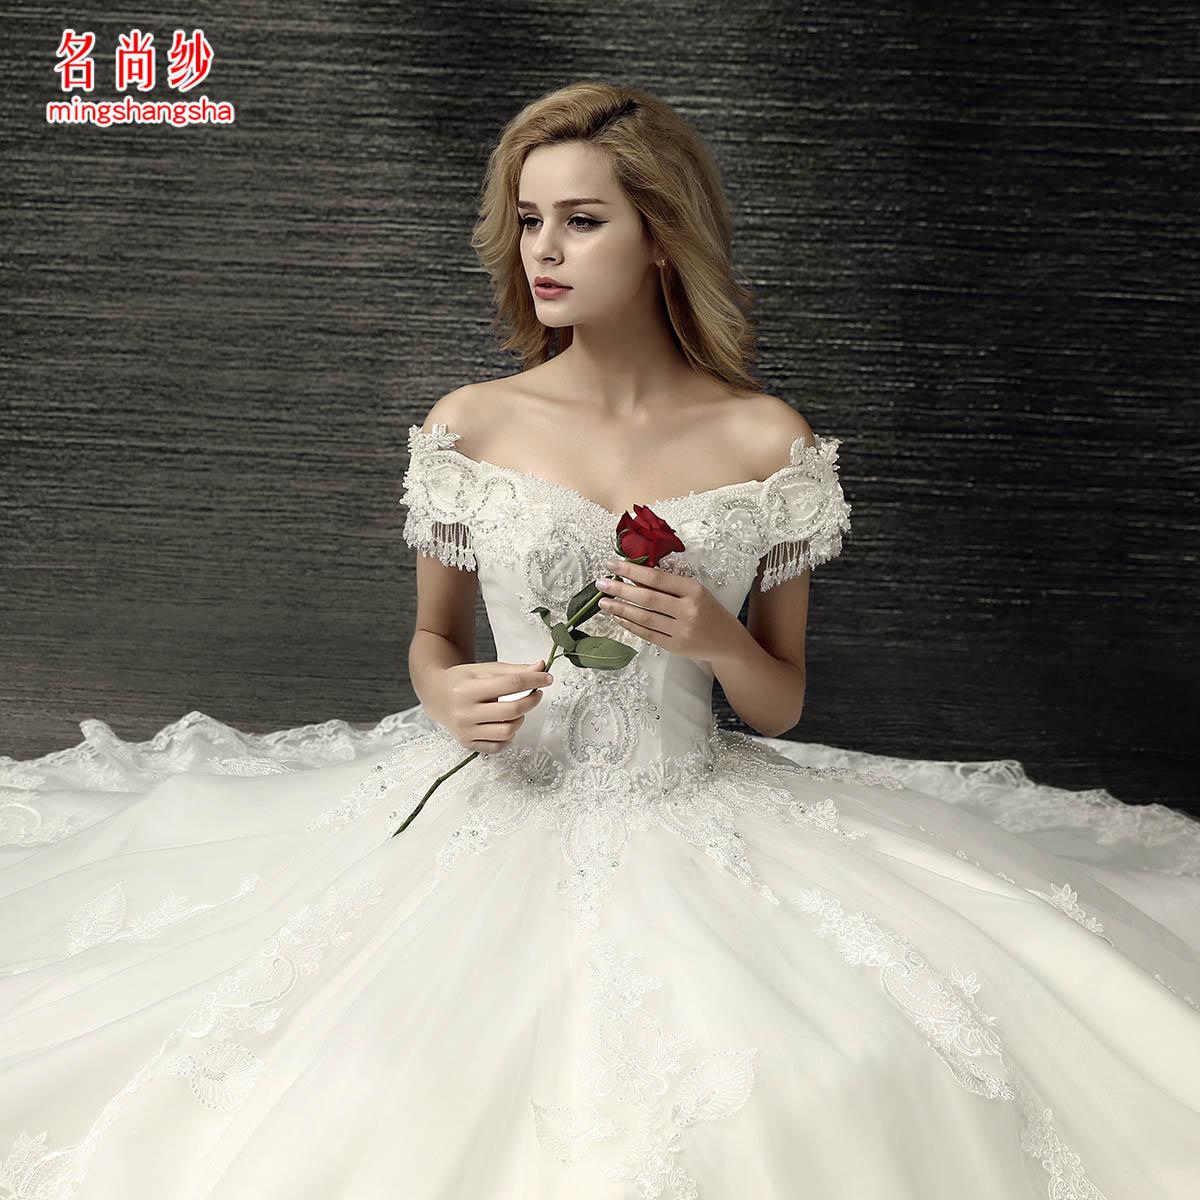 欧式宫廷一字肩婚纱齐地大码新娘婚纱礼服孕妇韩式夏